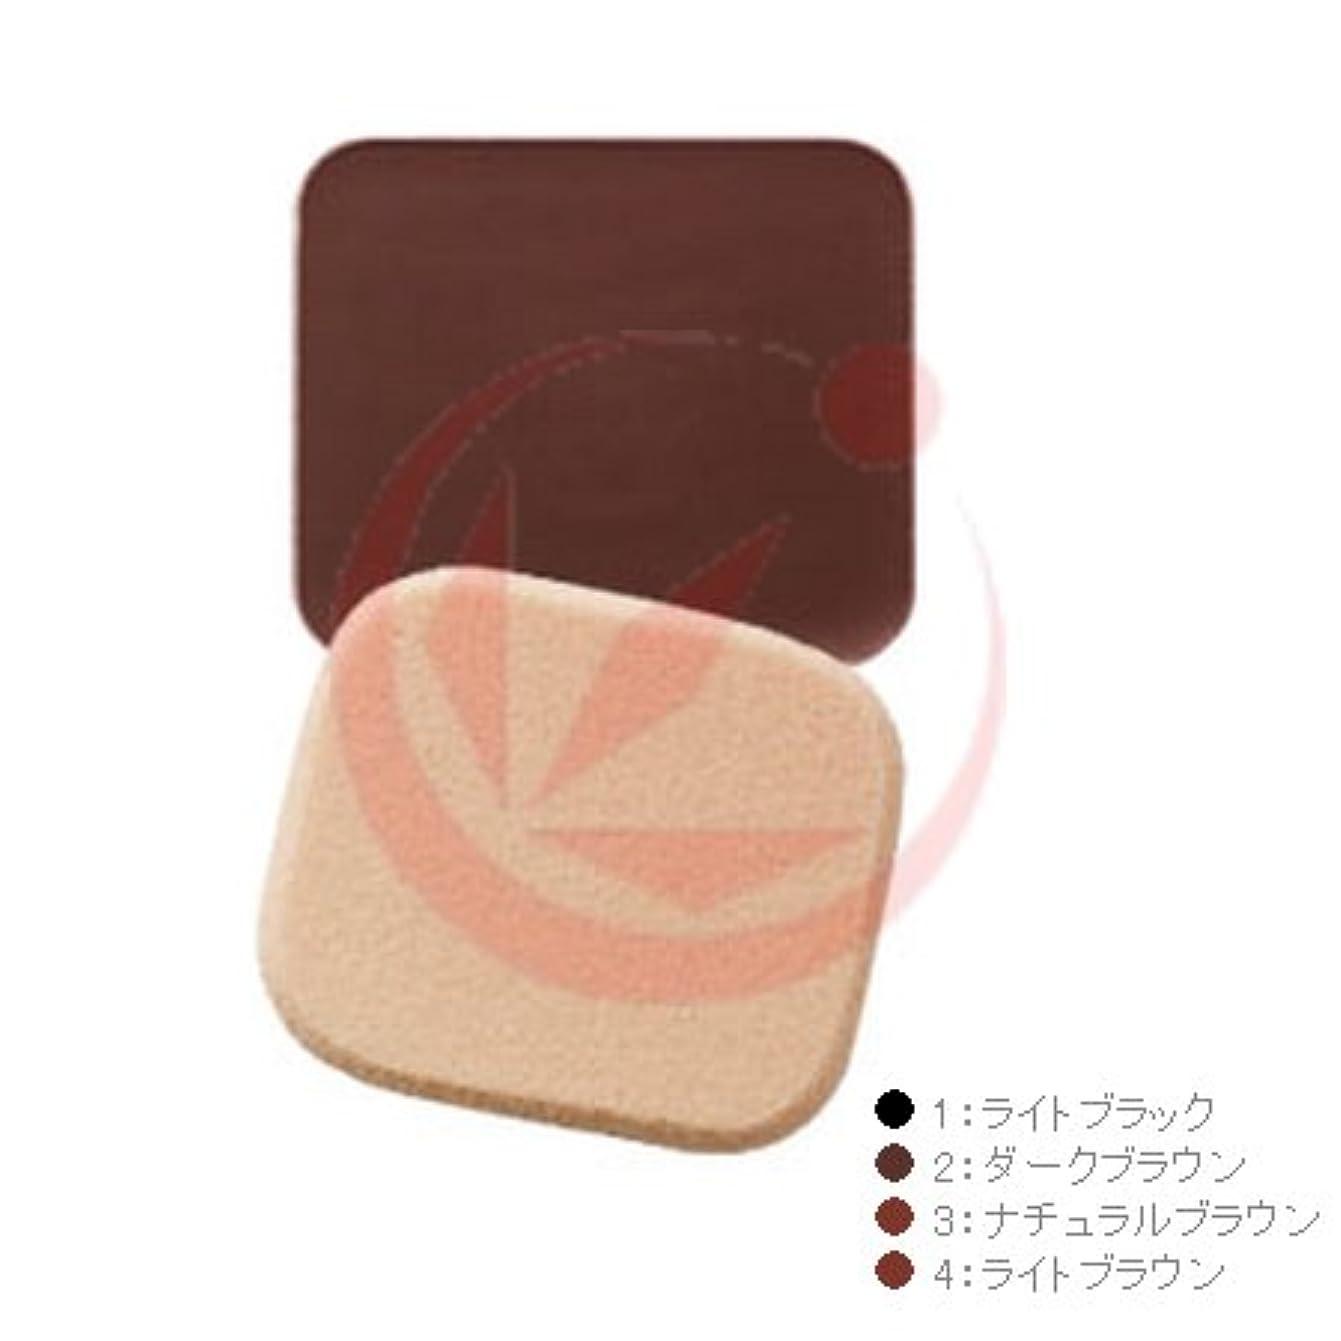 責評議会麦芽イリヤ 彩(いろどり) ヘアファンデーション 13g 詰替用 パフ付 ダークブラウン